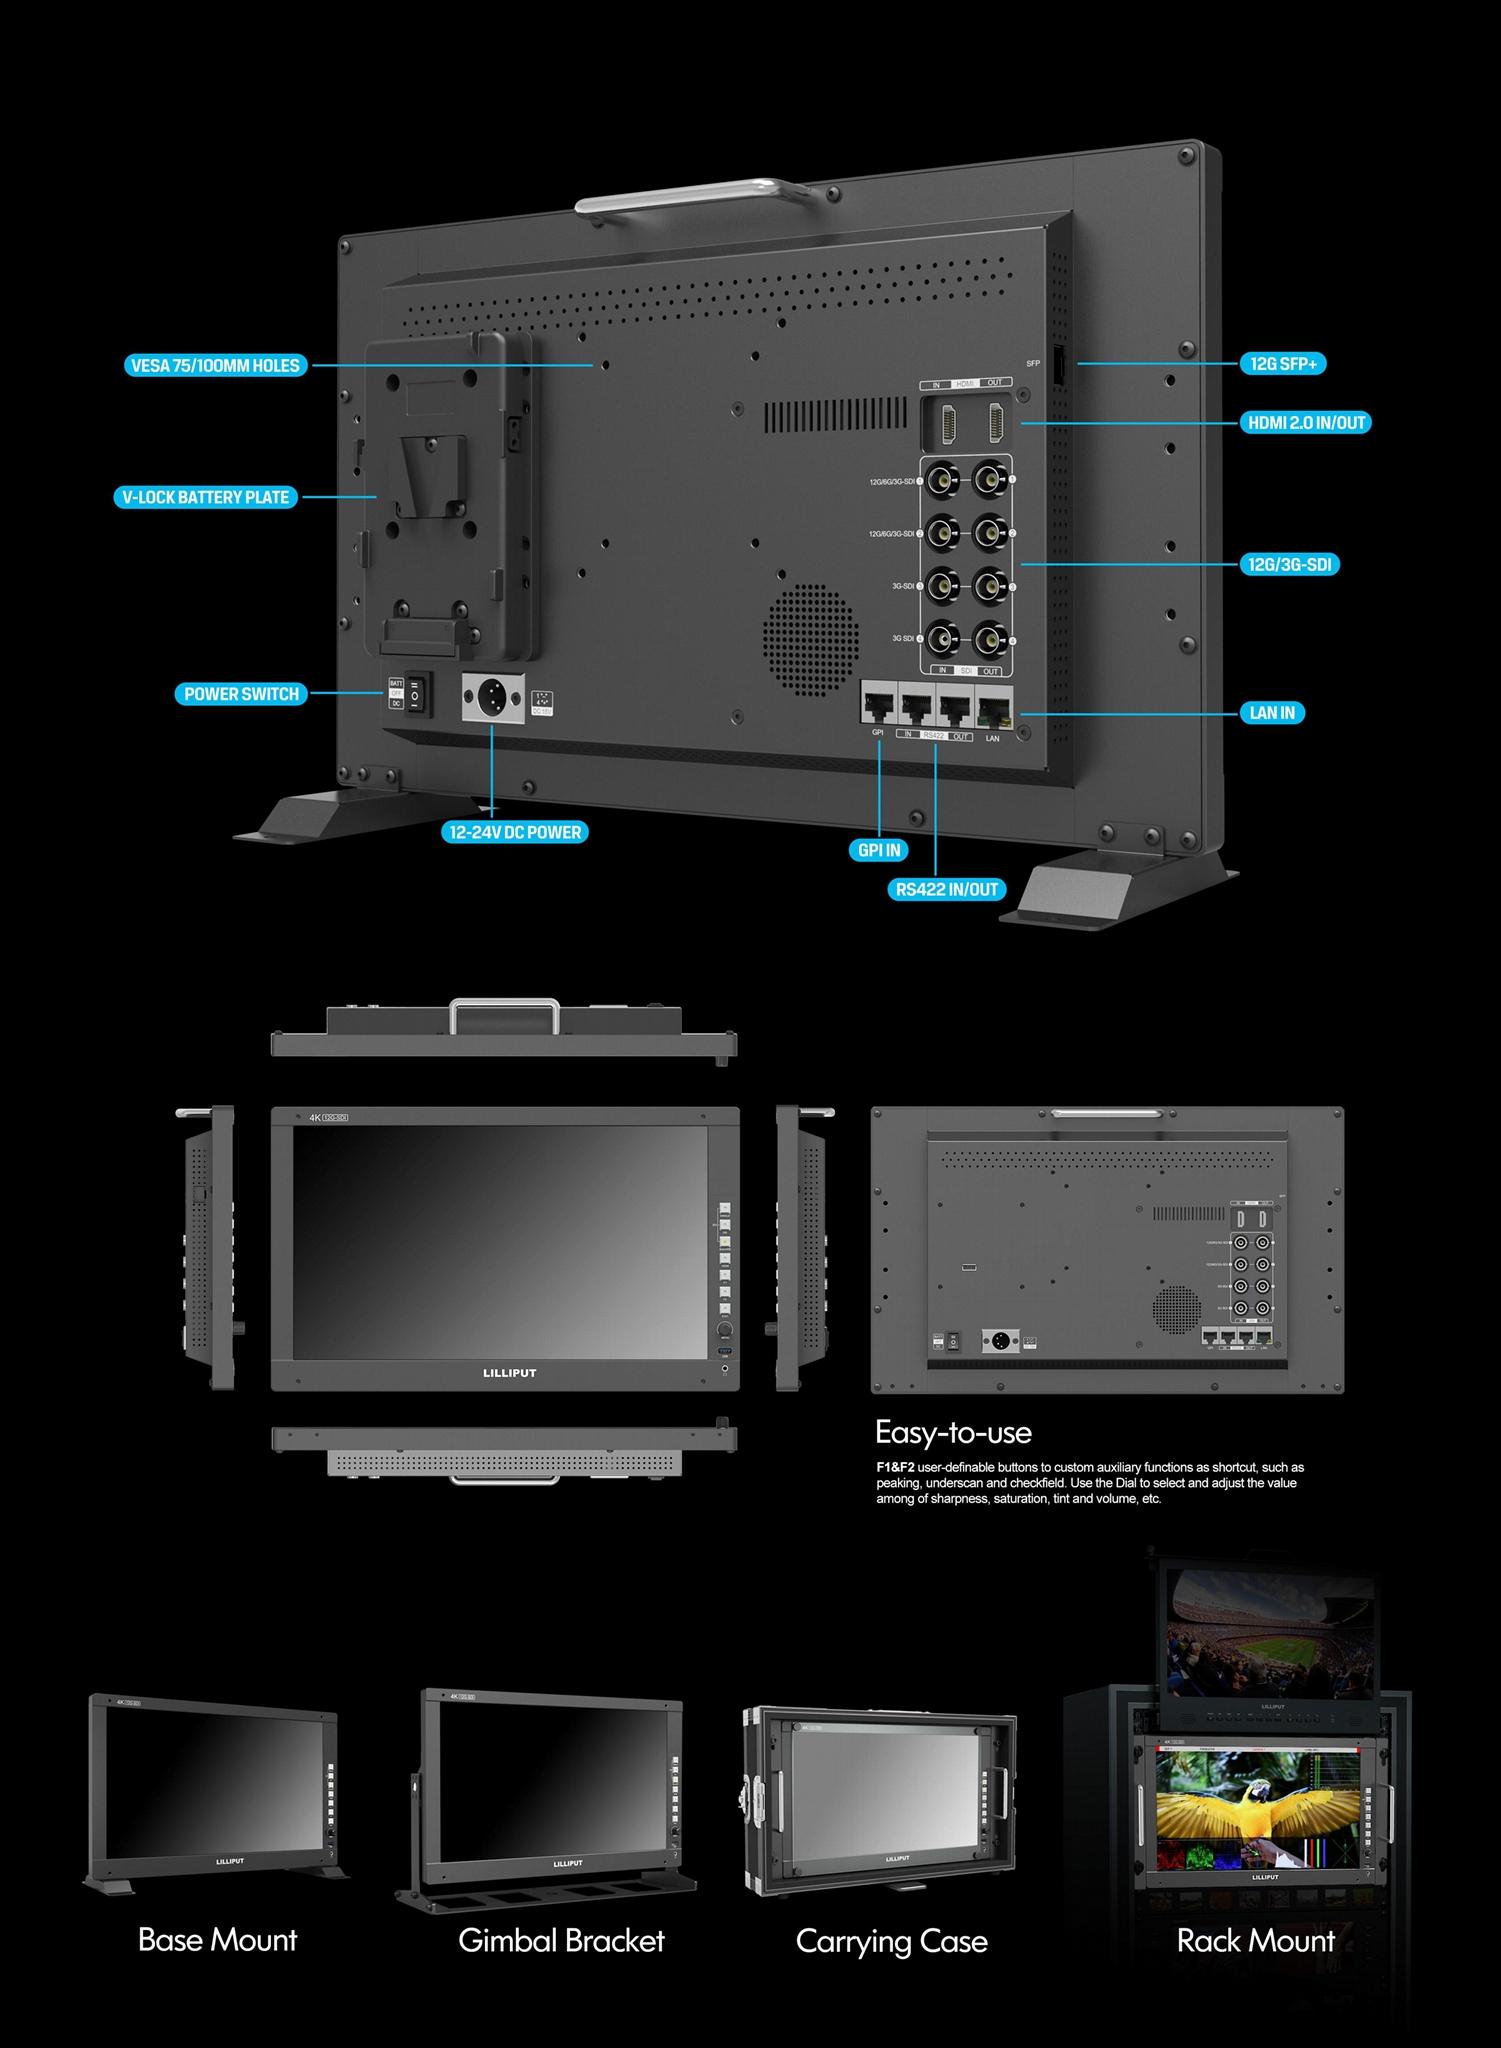 LILLIPUT Q17 17.3 inch 4K 12G-SDI HDMI 2.0 12G SFP Production Monitor  12